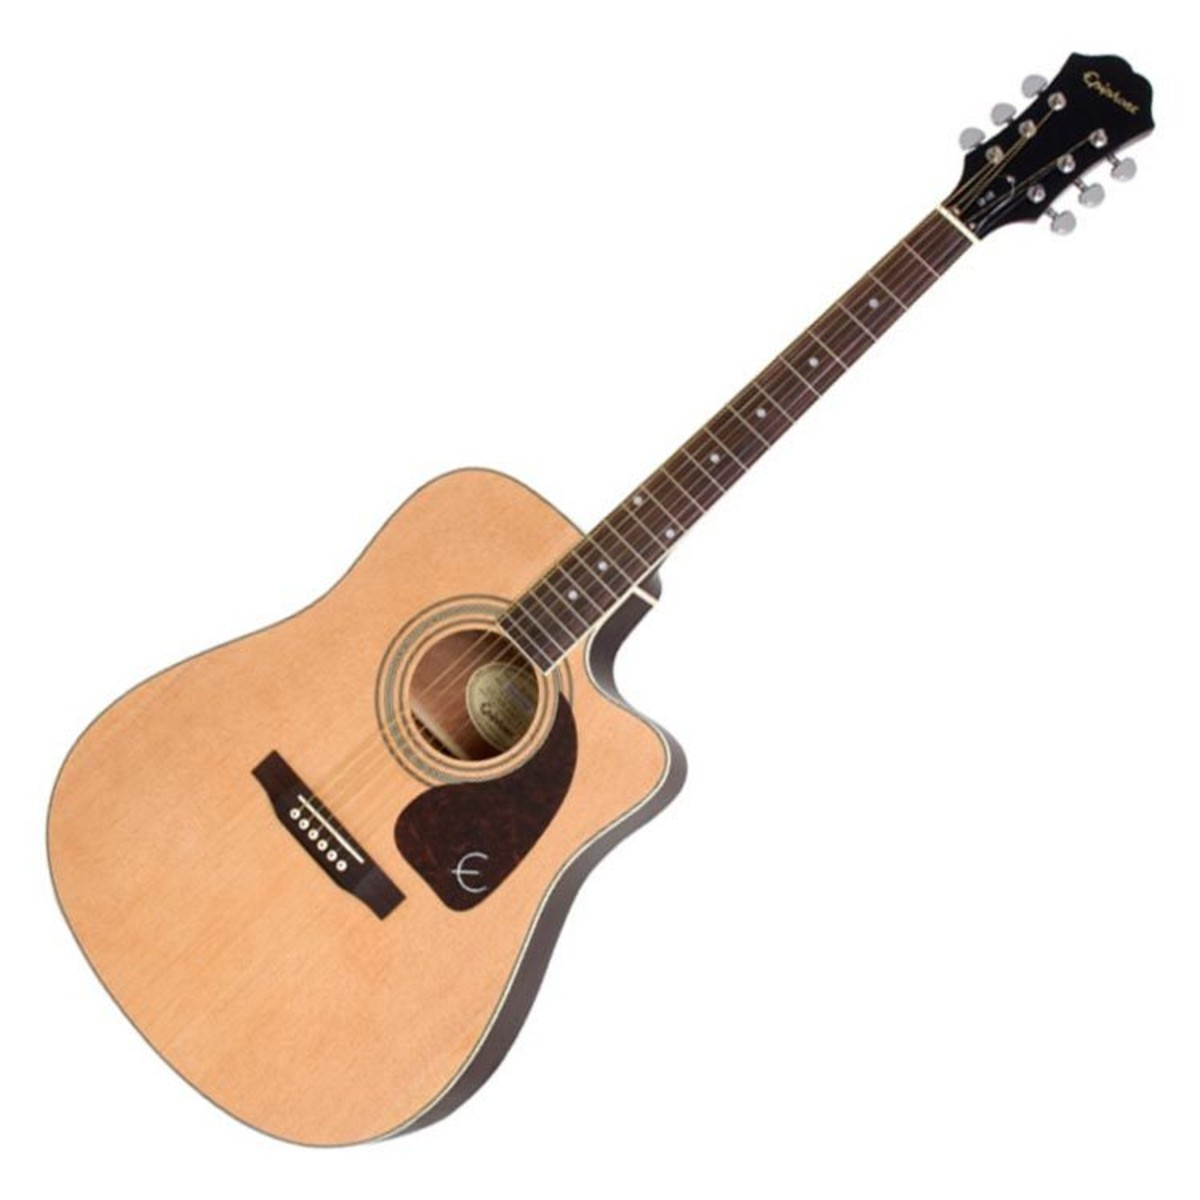 puis epiphone dr 200ce guitare electro acoustique. Black Bedroom Furniture Sets. Home Design Ideas